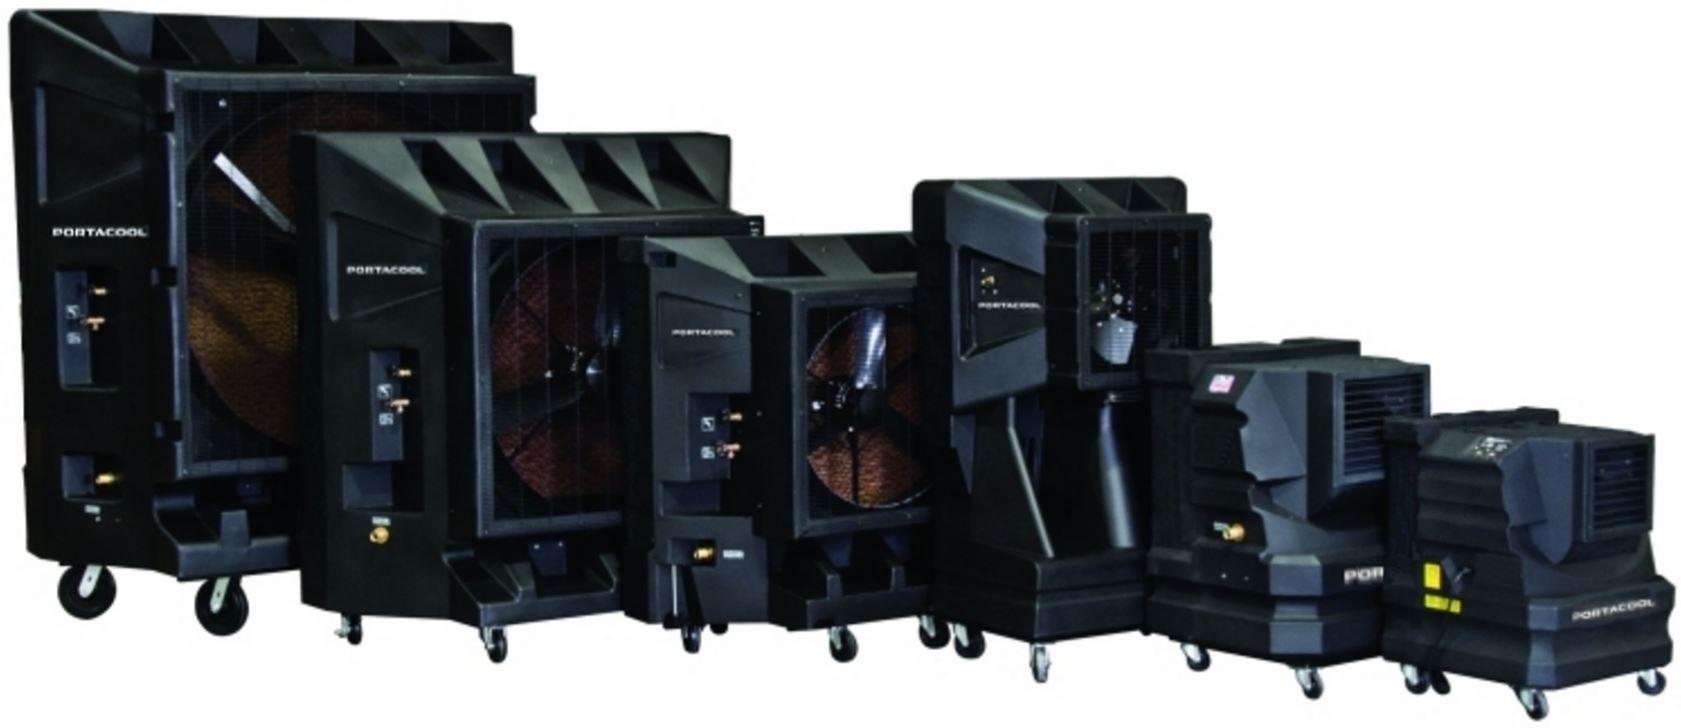 Portacool outdoor coolers